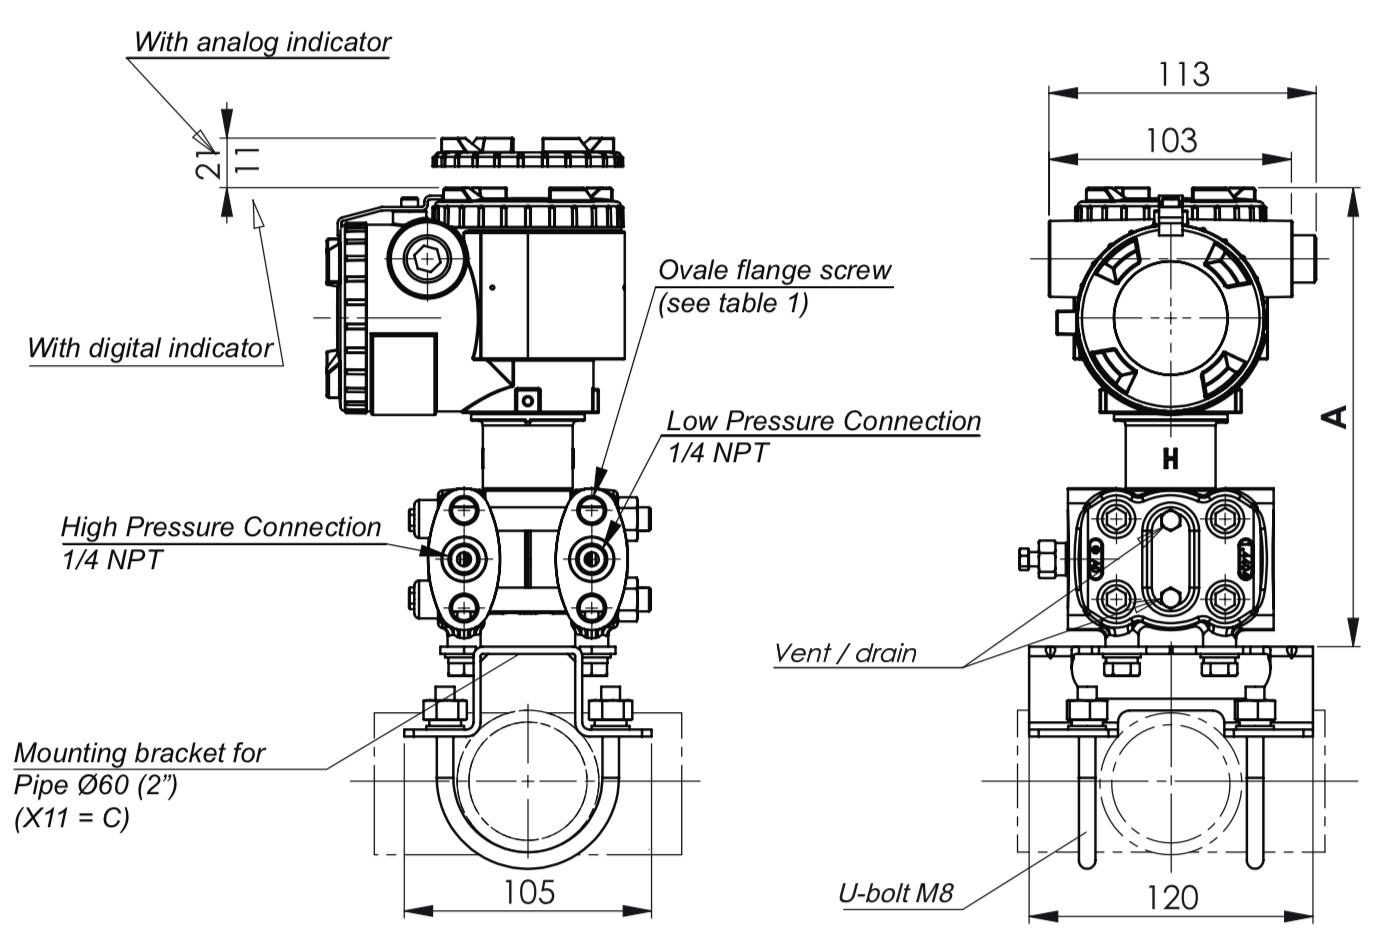 bản vẽ cảm biến chênh áp lò hơi FKC